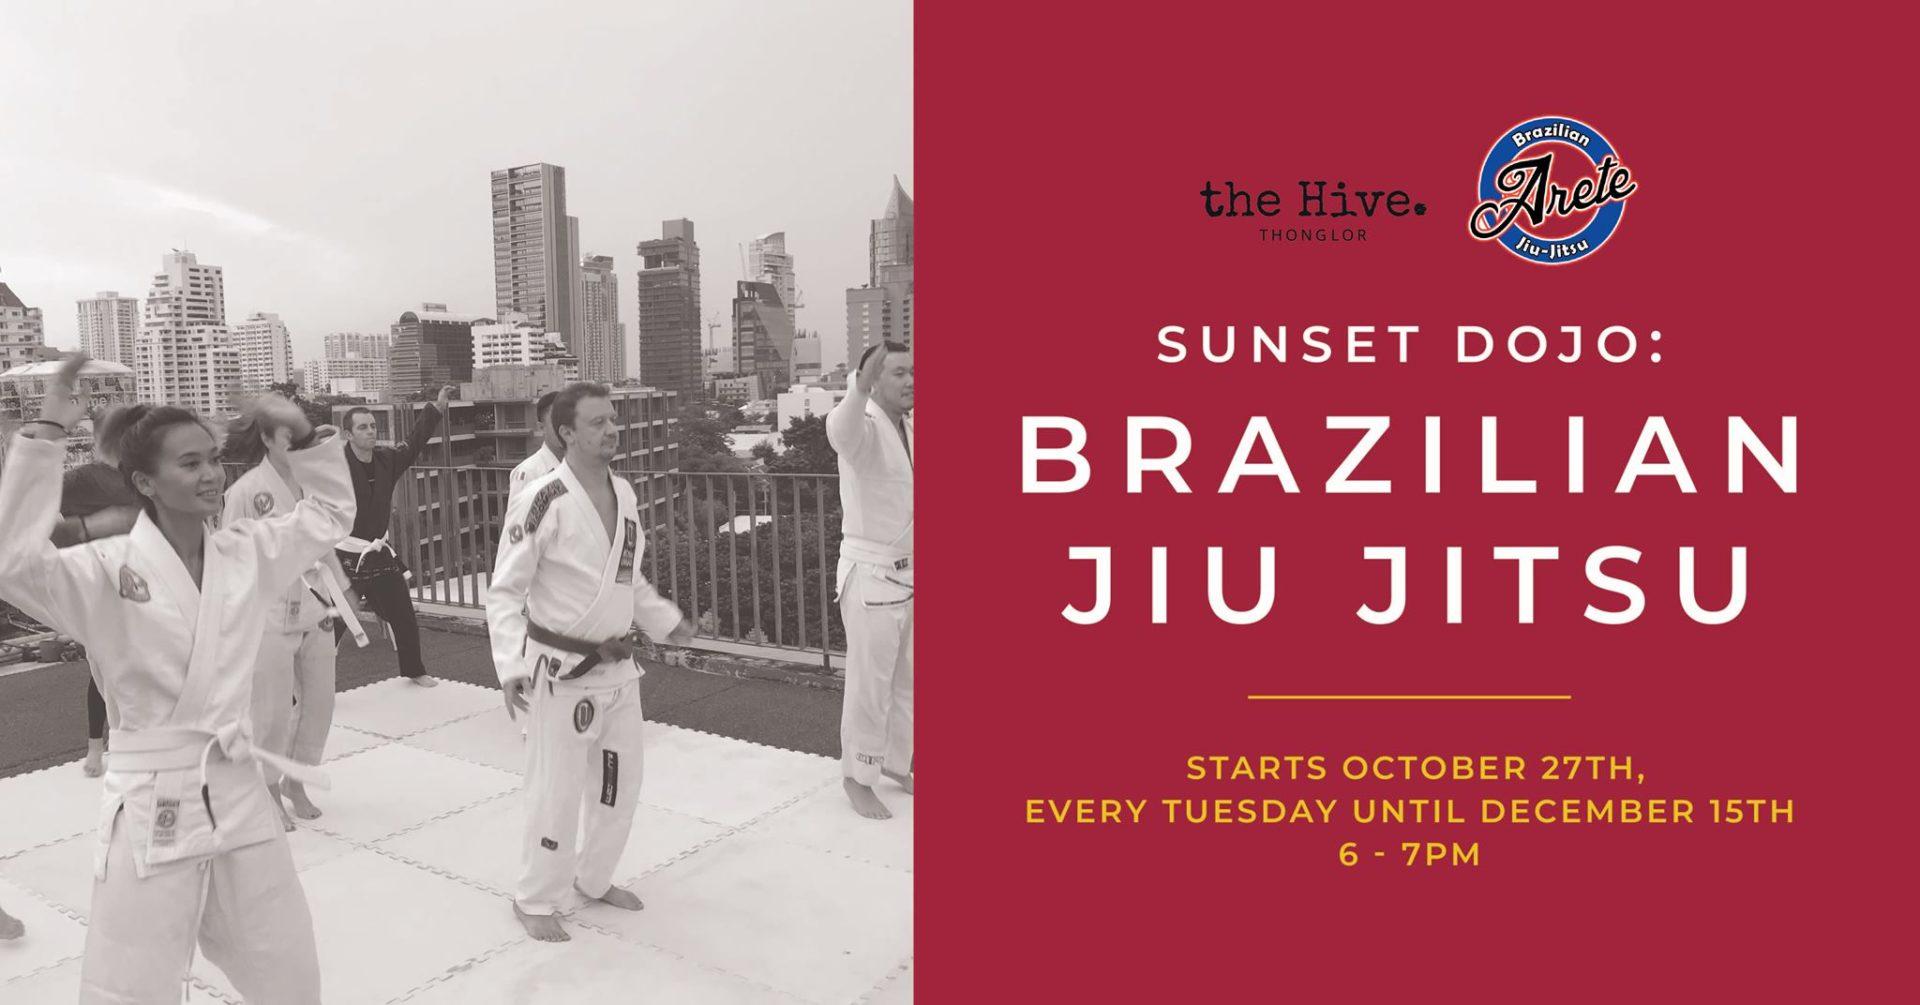 Sunset Dojo: Brazilian Jiu Jitsu • 121575868 3189409557834774 6819134884801582399 o